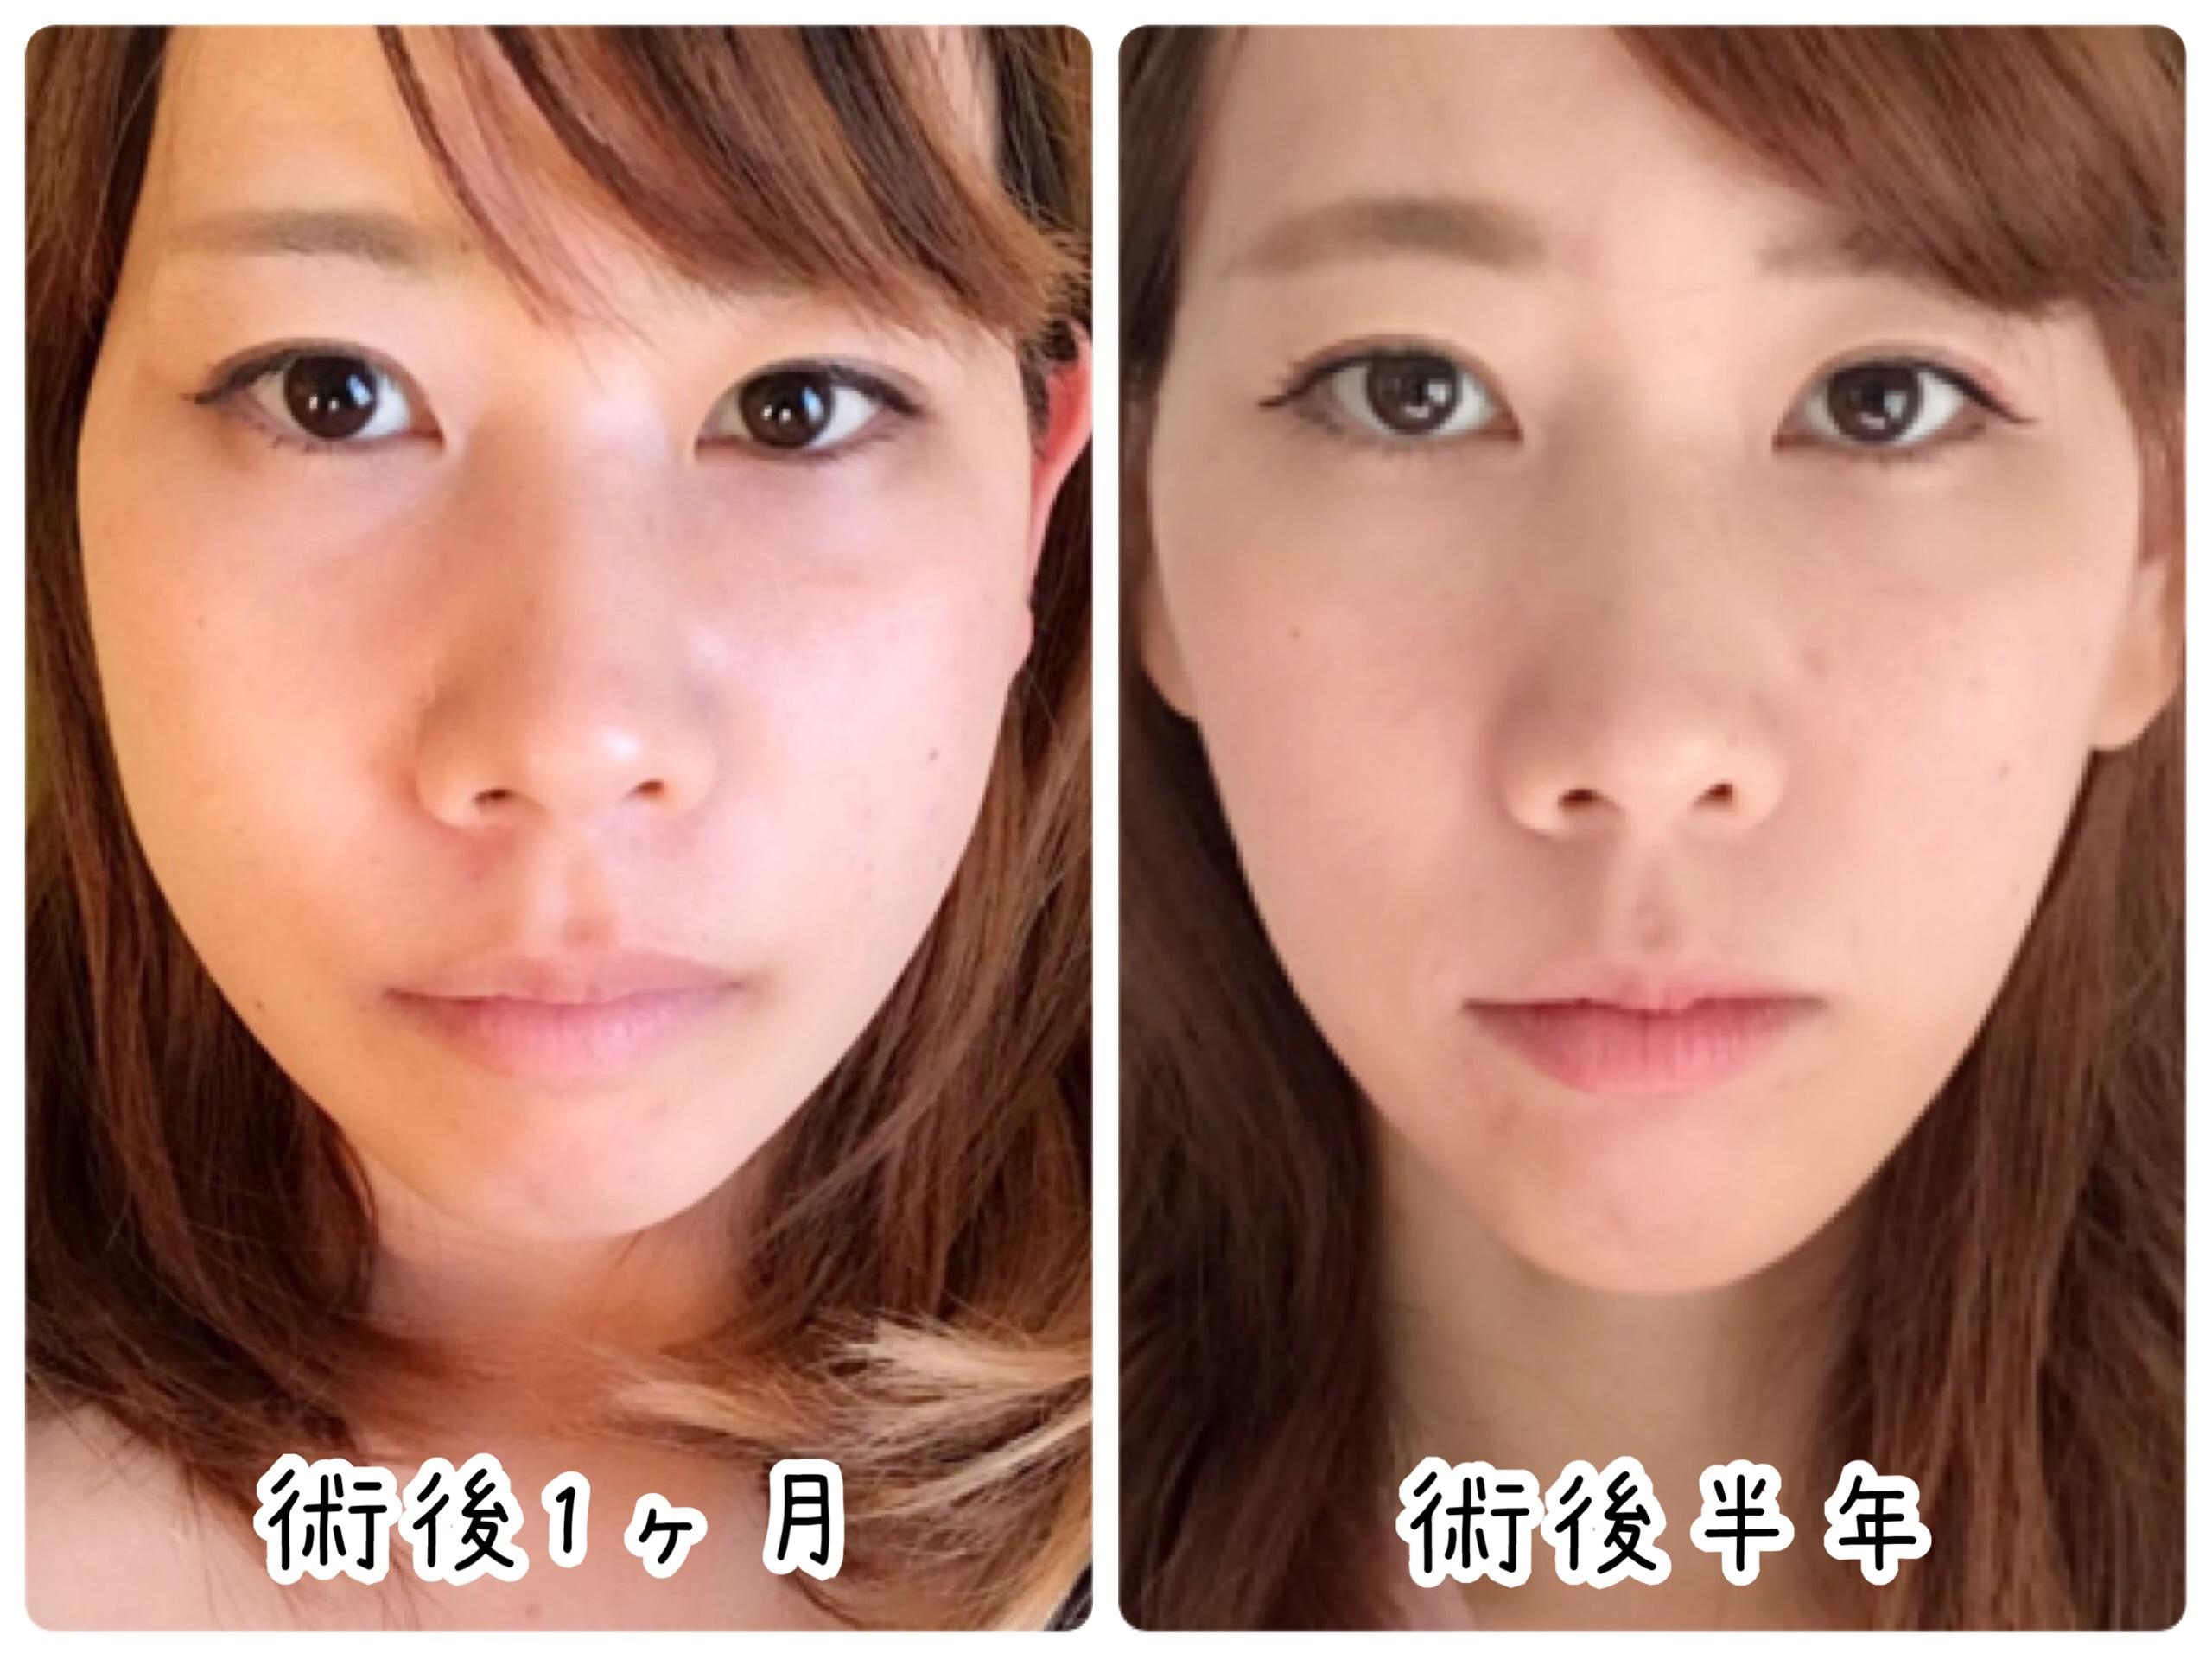 顎変形症手術 半年後